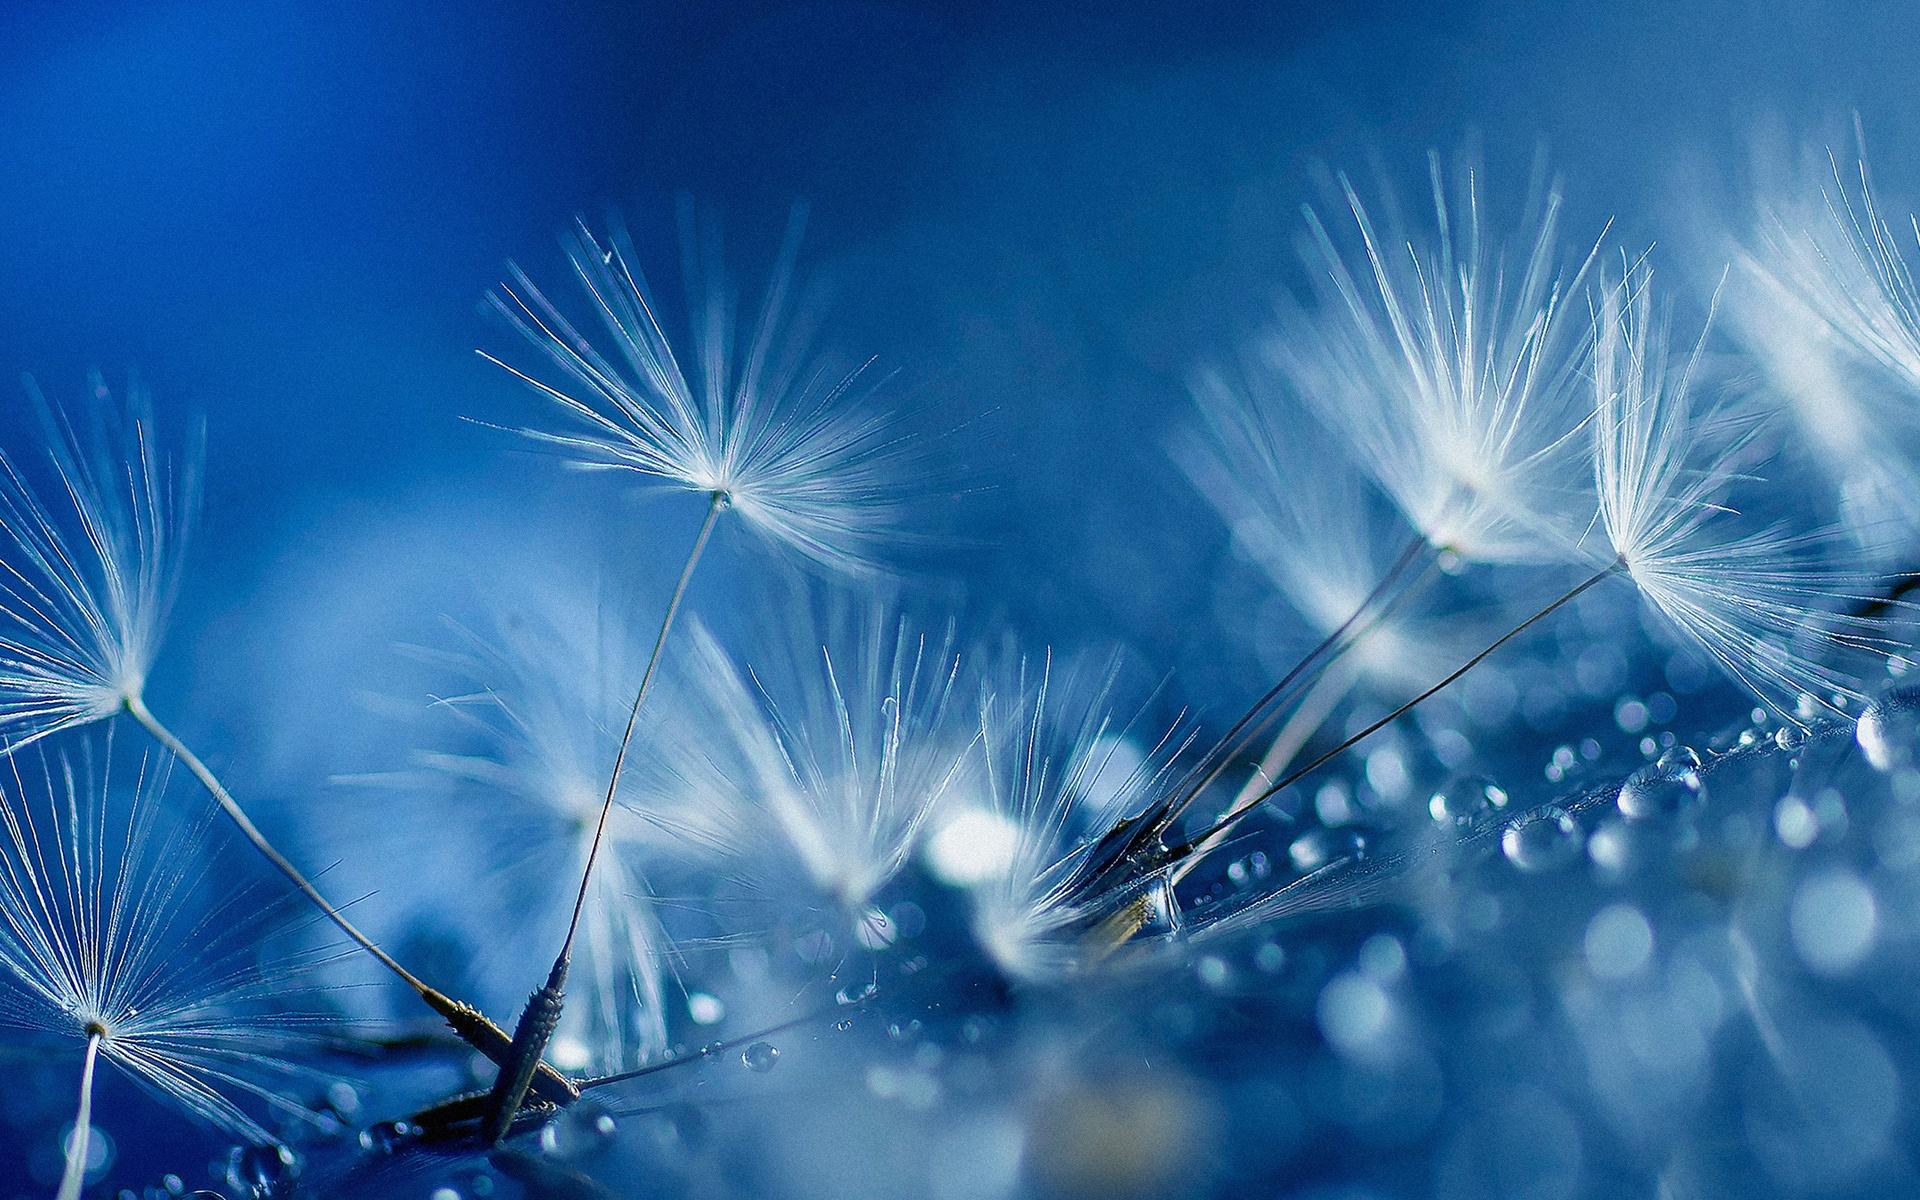 Những cánh hoa bồ công anh cũng mang vẻ đẹp riêng